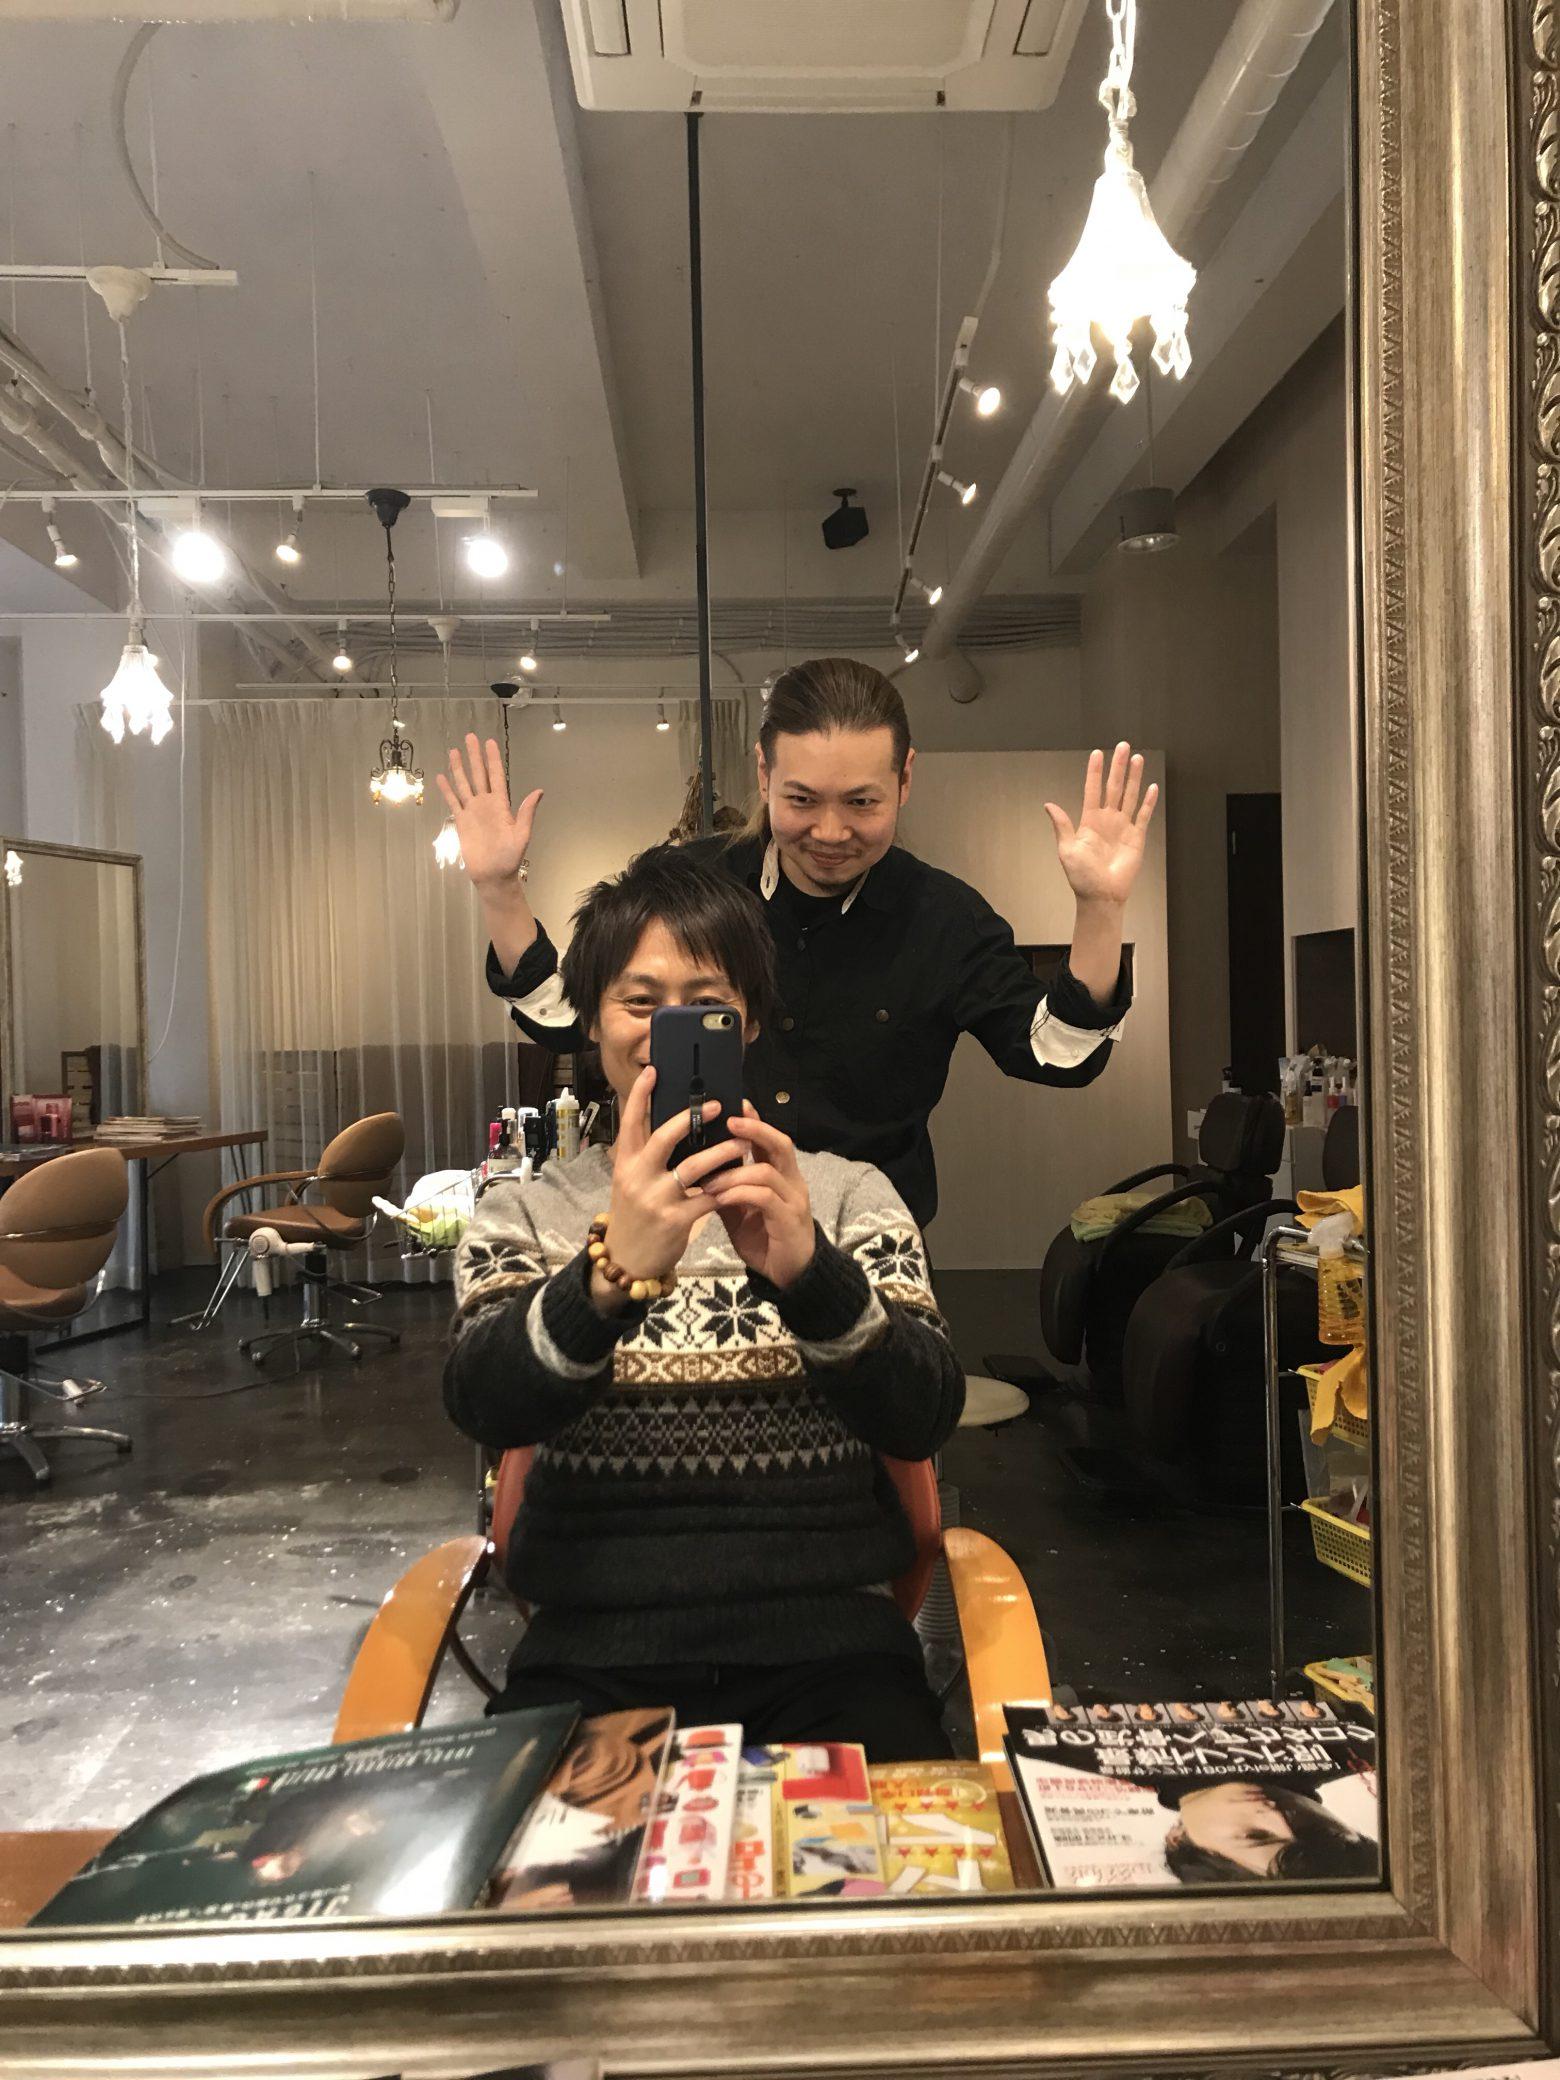 熊本活動。美容師としてとサッカー人として。熊本の素敵な美容師さんとも!